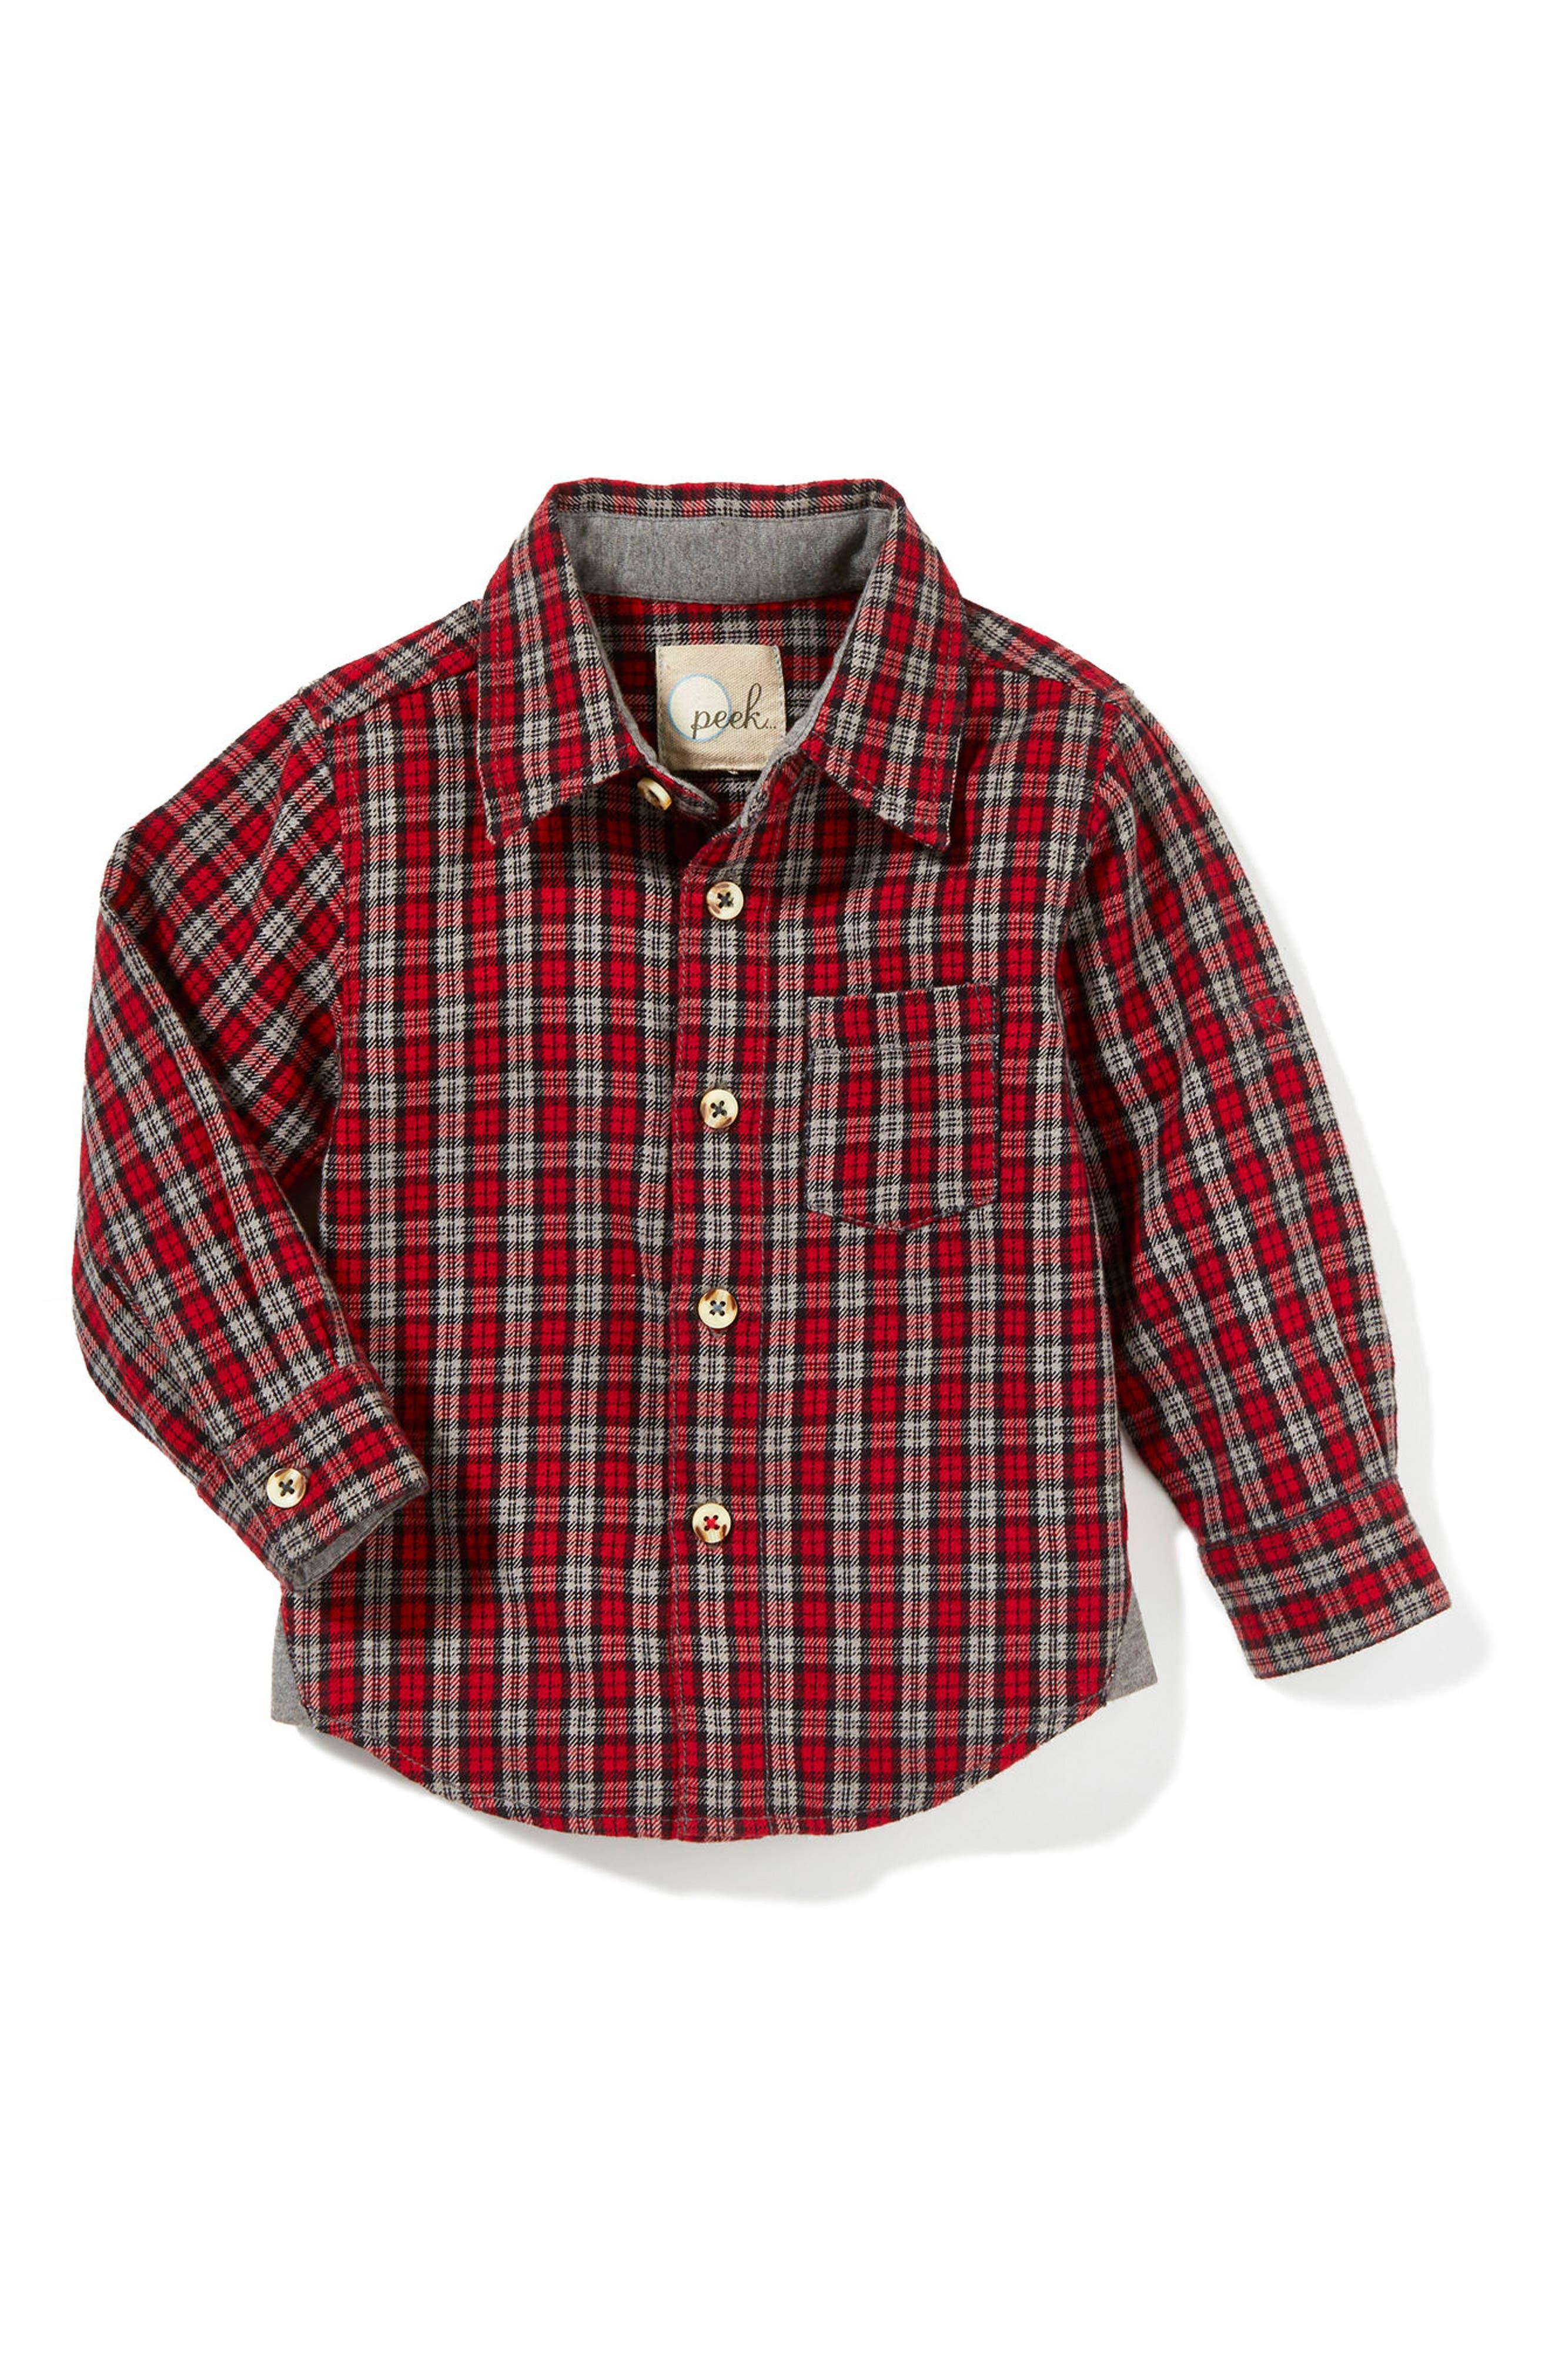 Main Image - Peek Eddie Plaid Shirt (Baby Boys)